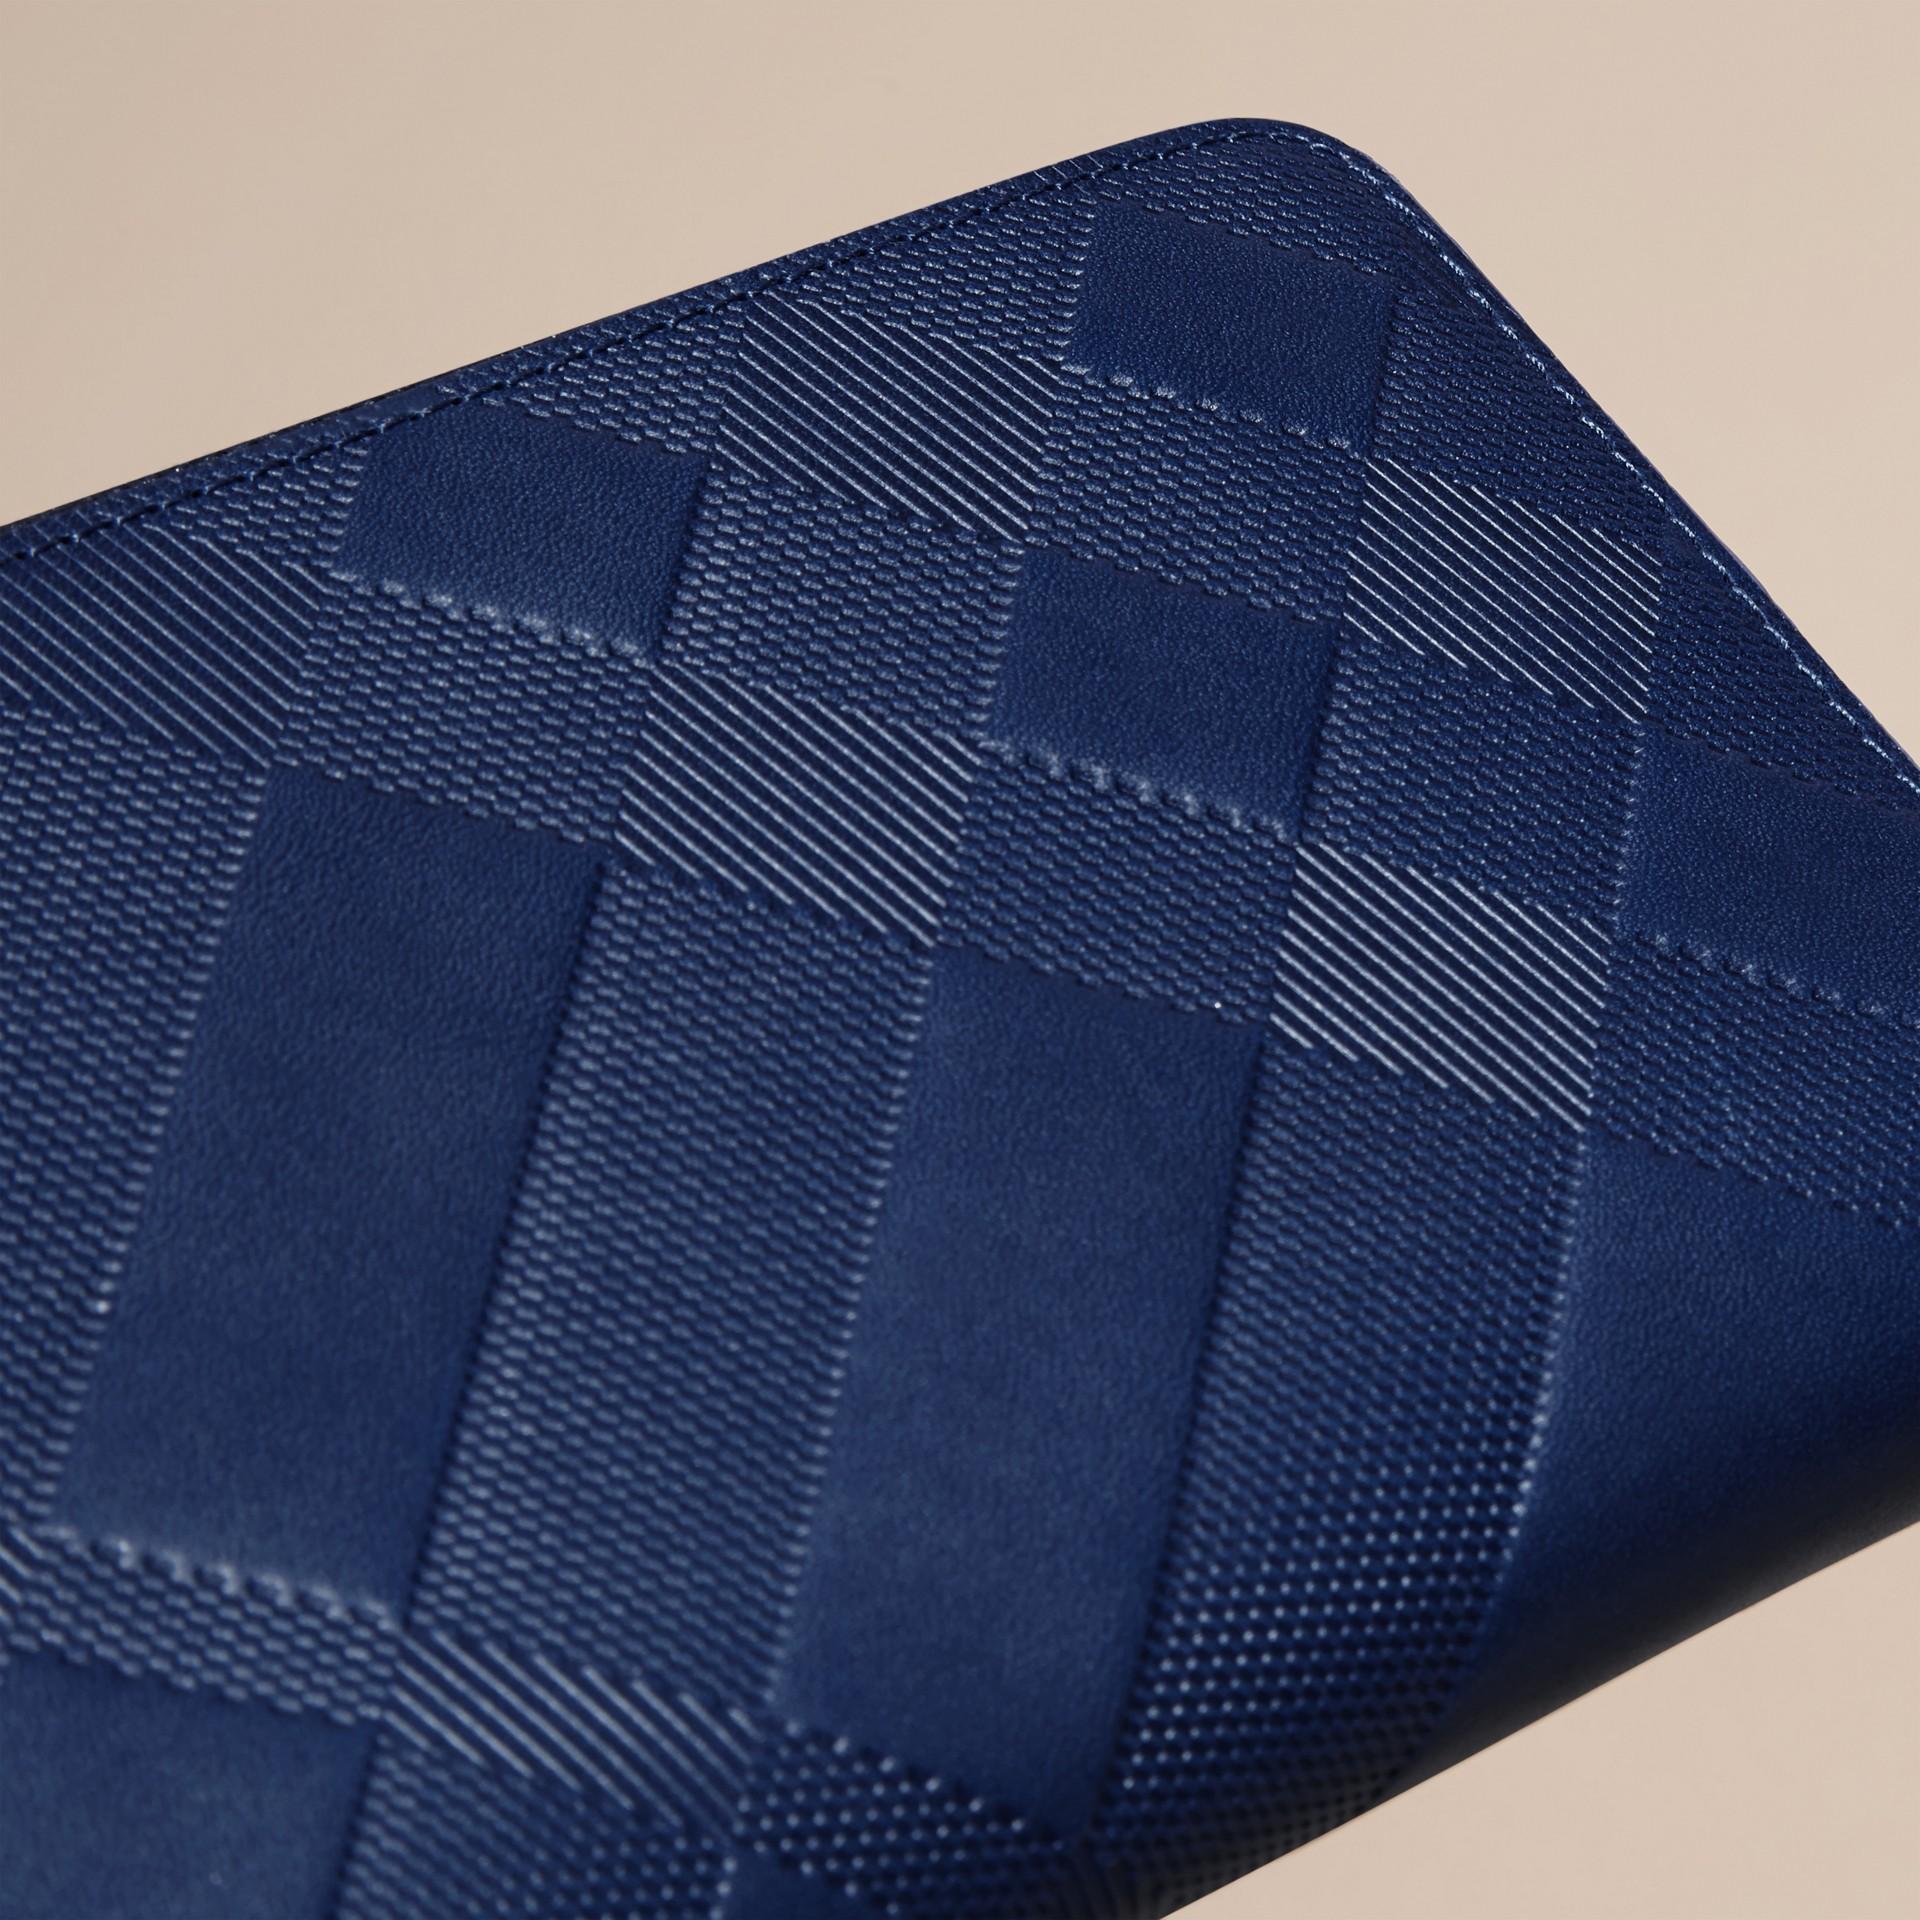 Bleu lapis Portefeuille zippé en cuir à motif check estampé Bleu Lapis - photo de la galerie 2